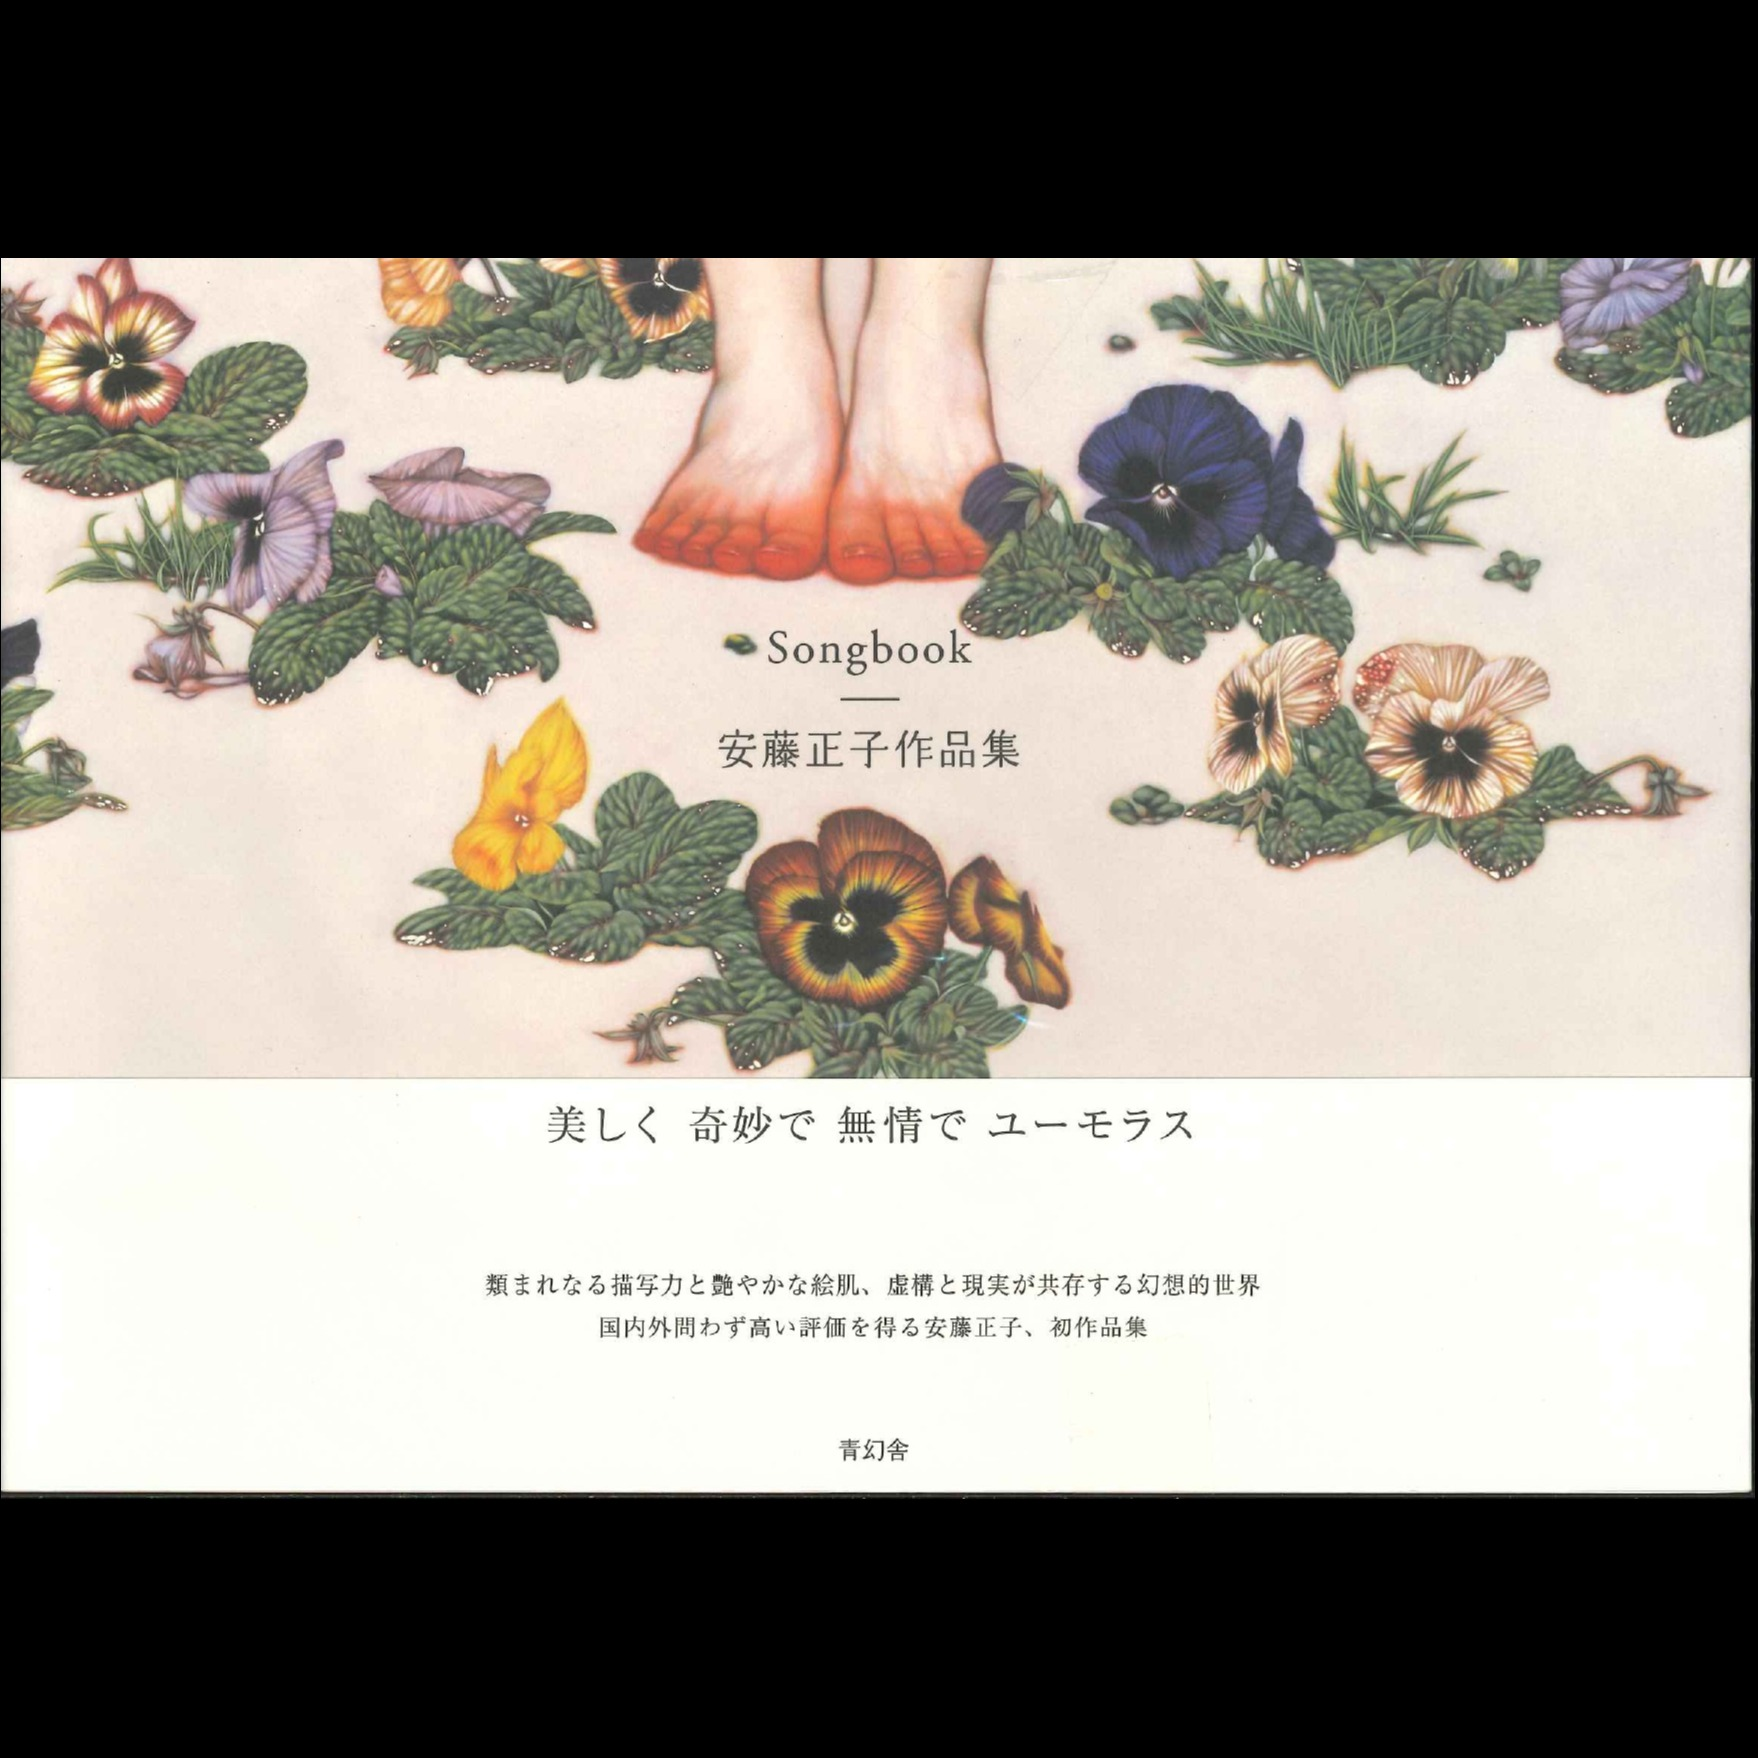 安藤正子「Songbook 作品集」